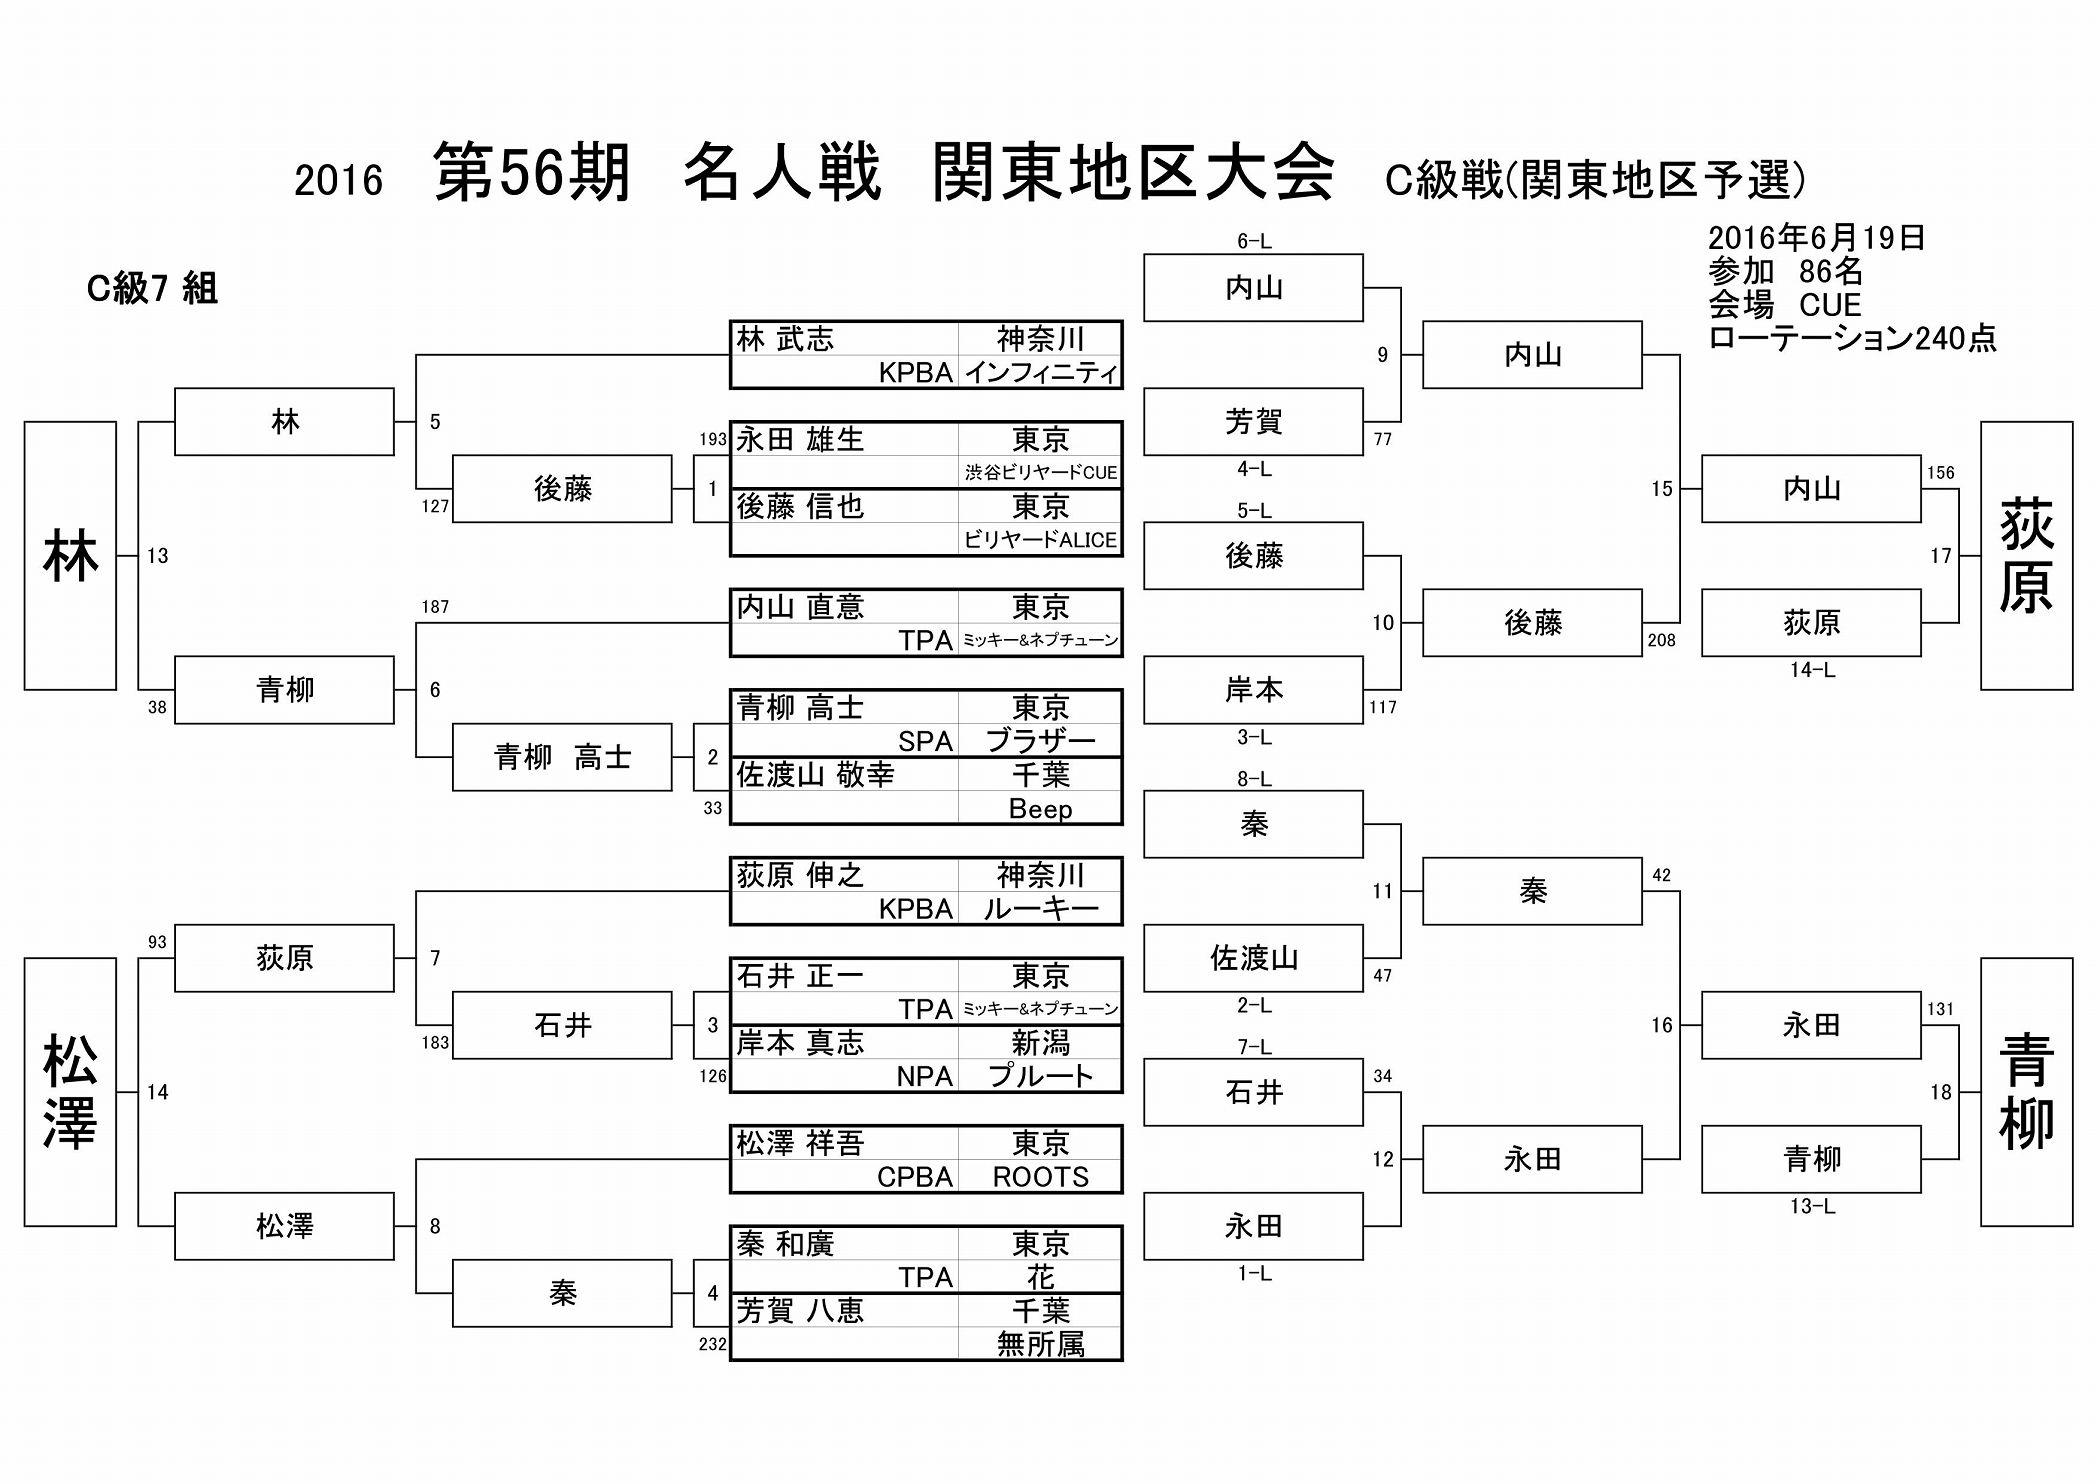 2016名人戦C級戦結果(関東地区)_07